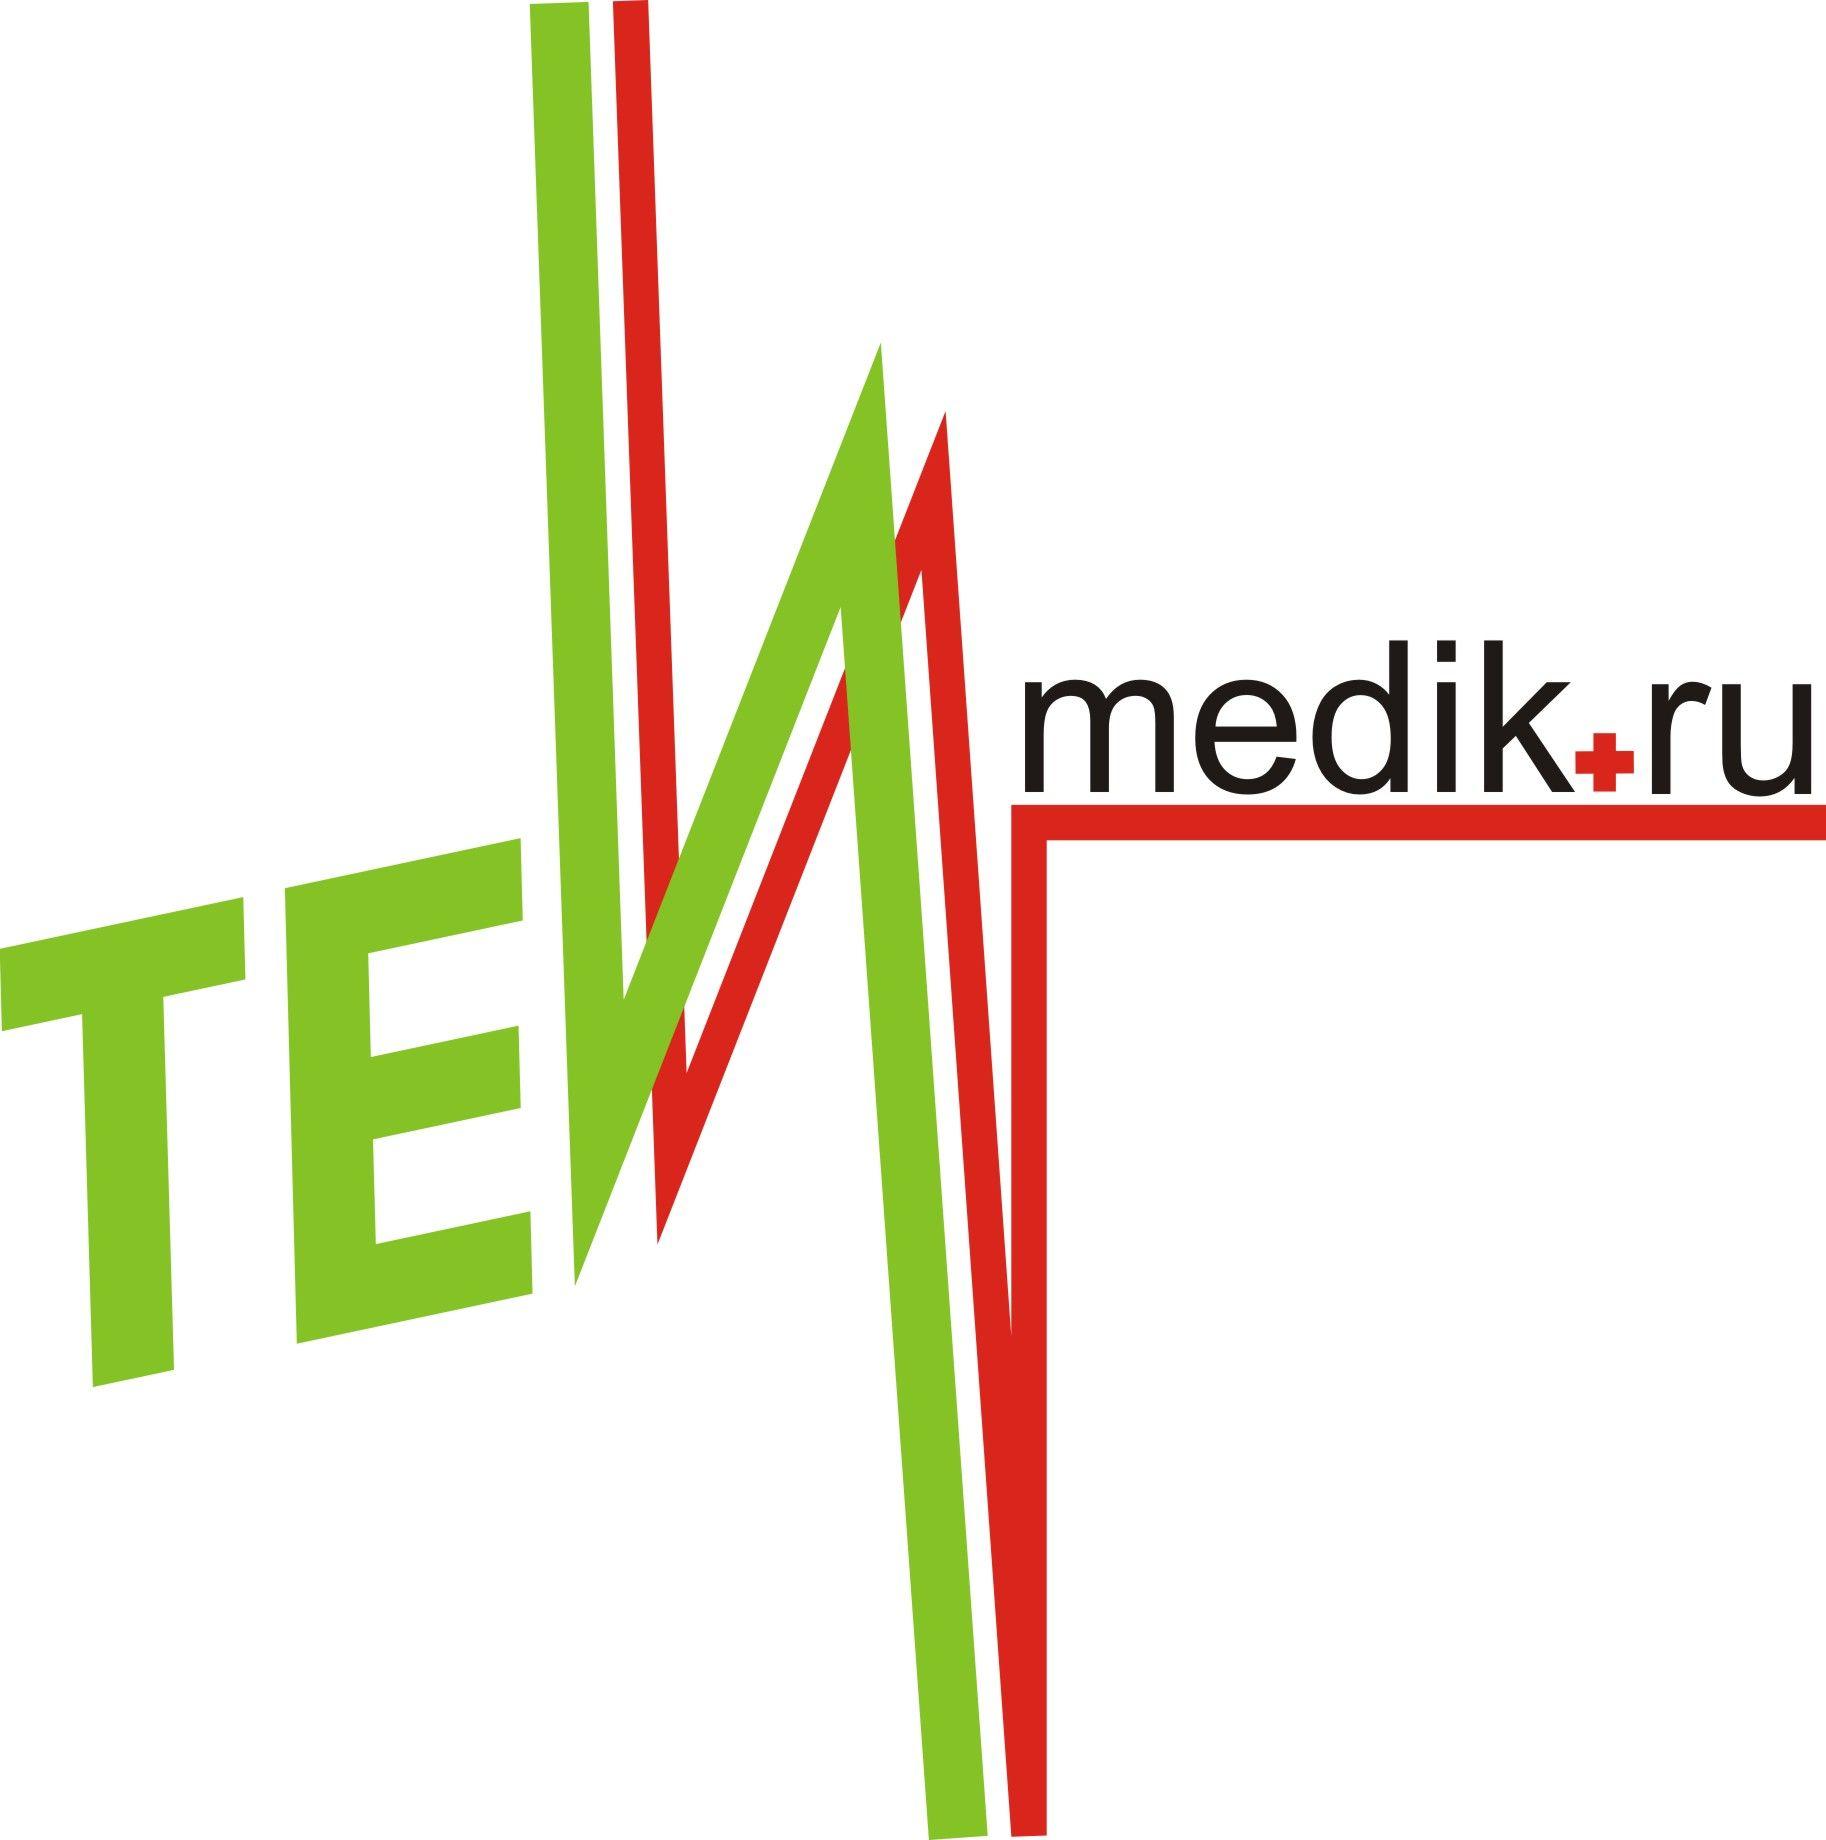 Логотип для интернет-магазина медтехники - дизайнер Tadana_88